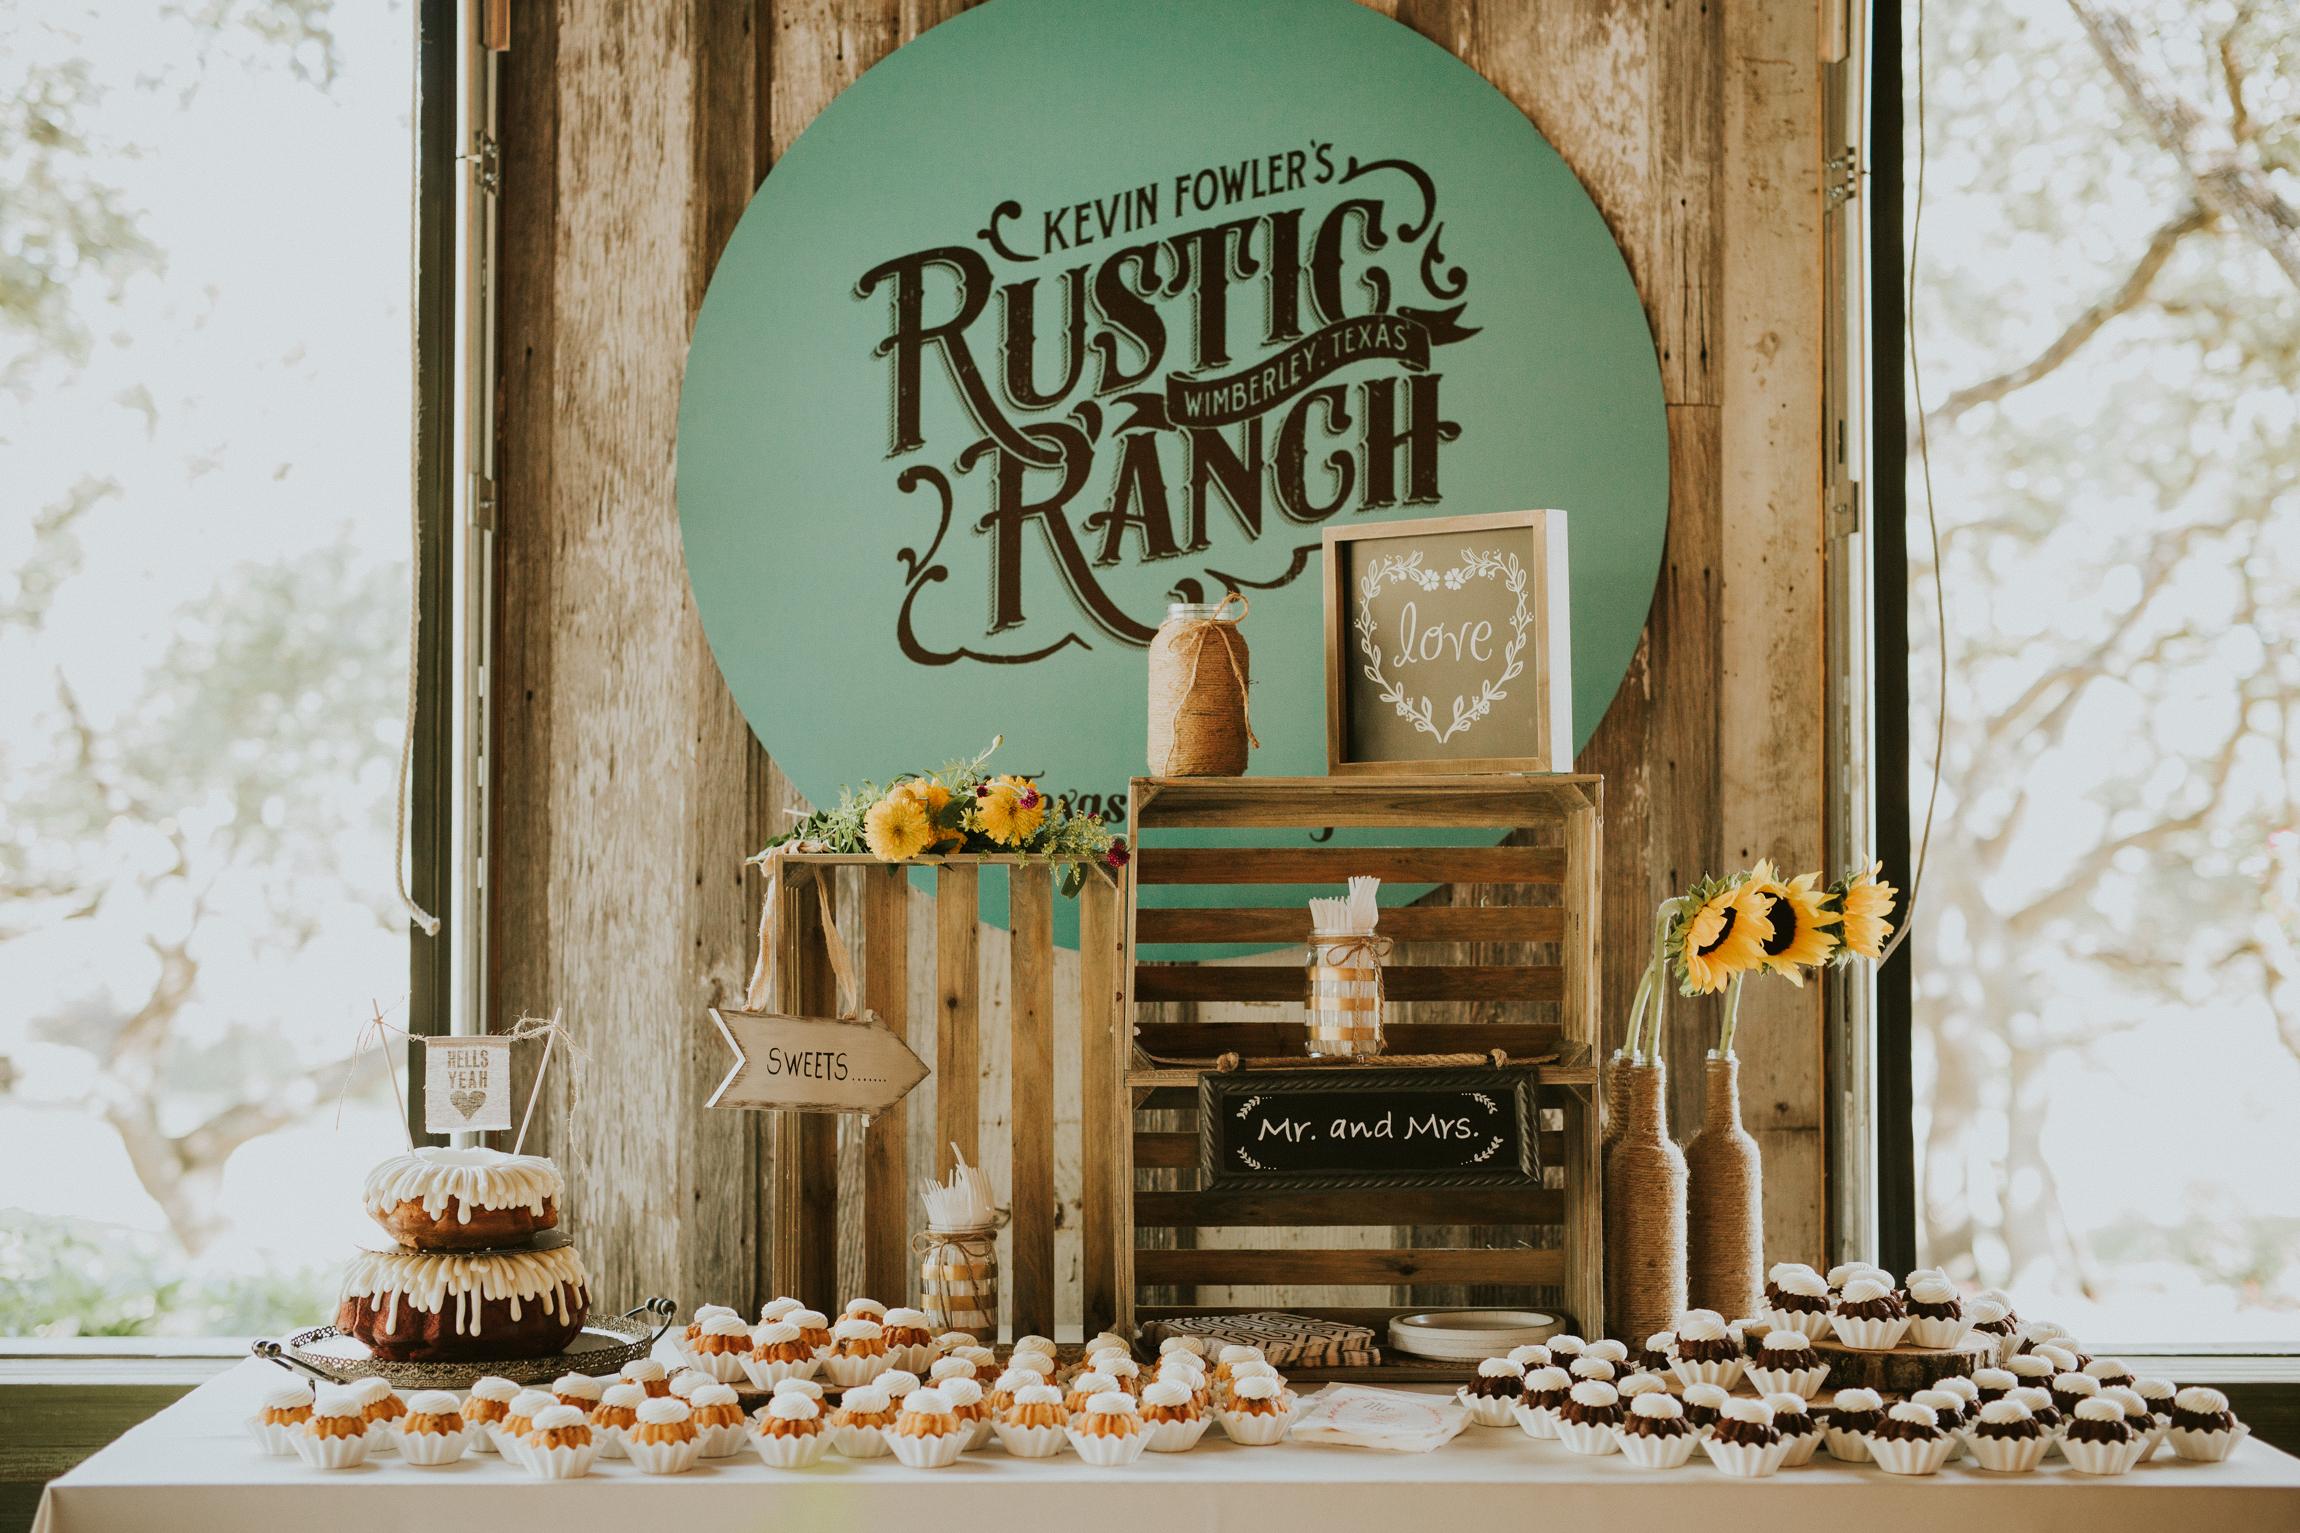 Rustic Ranch.